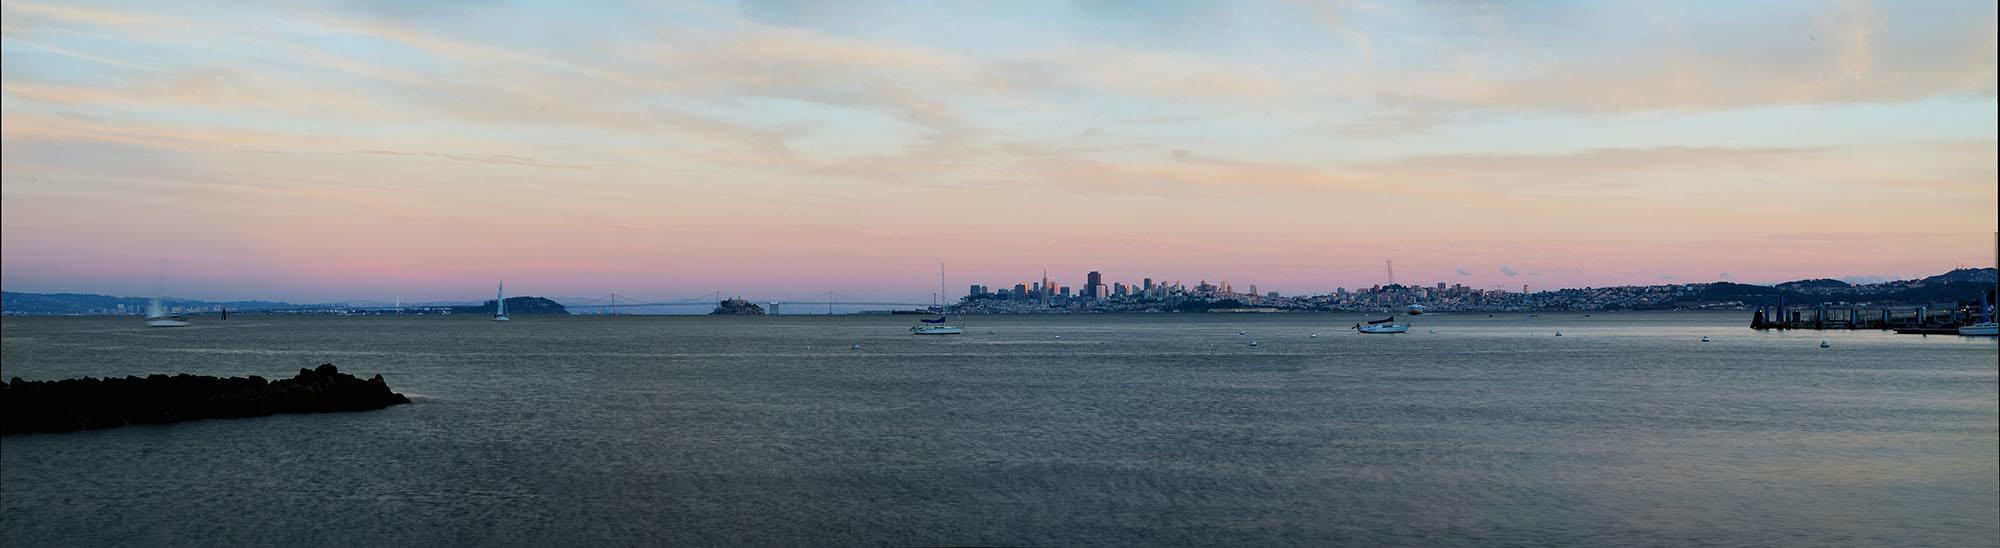 San Francisco Bay from Sausalito